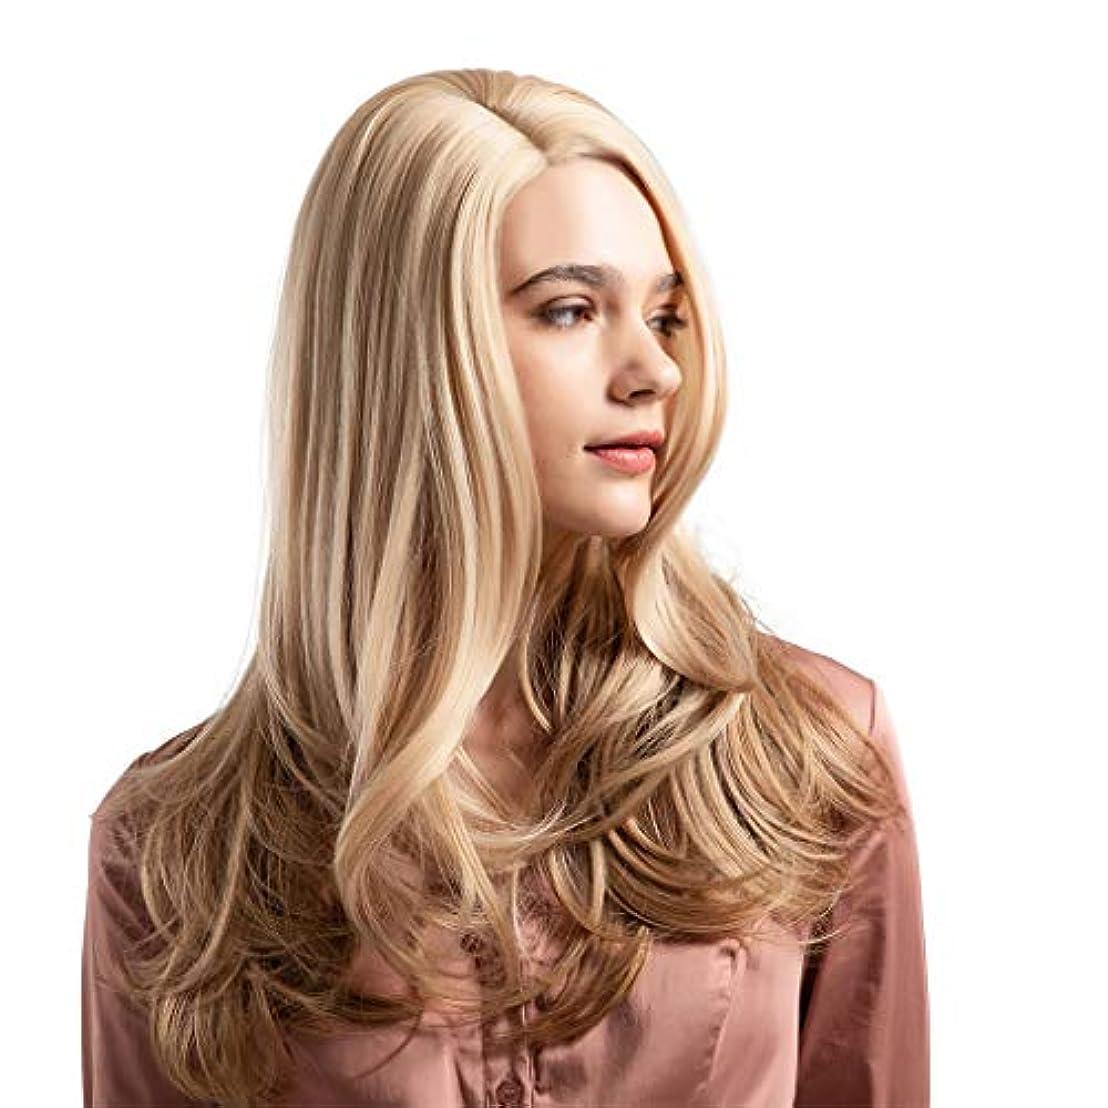 シーズン大宇宙ウガンダウィッグ女性黄金の大きな波状の巻き毛の高温シルクウィッグ22インチ